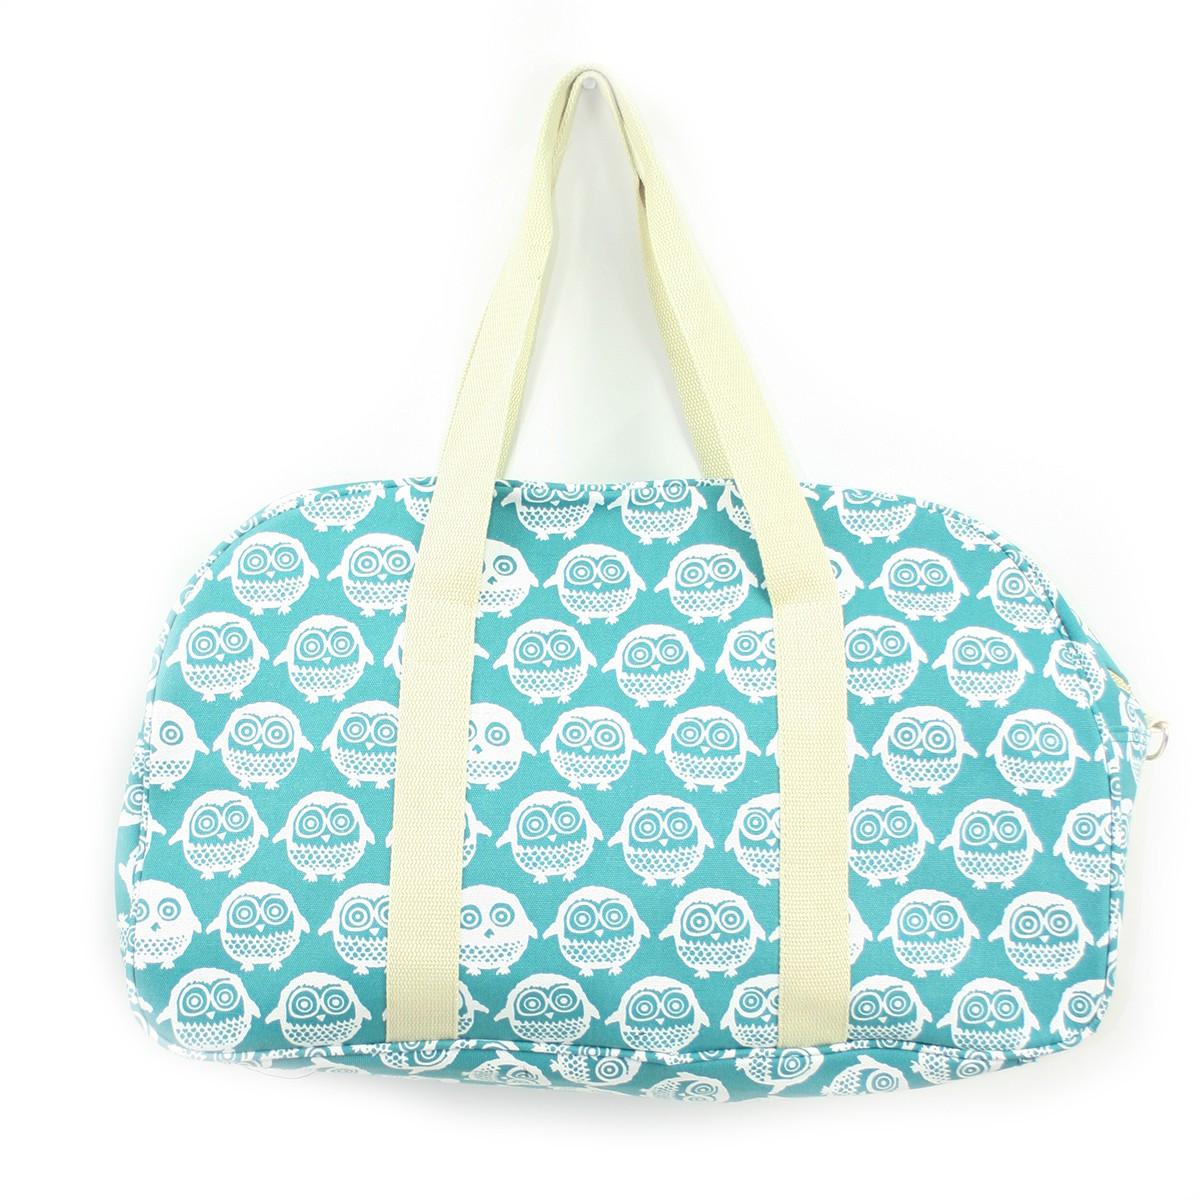 Τσάντα ταξιδιού <br/> με κουκουβάγιες μικρή